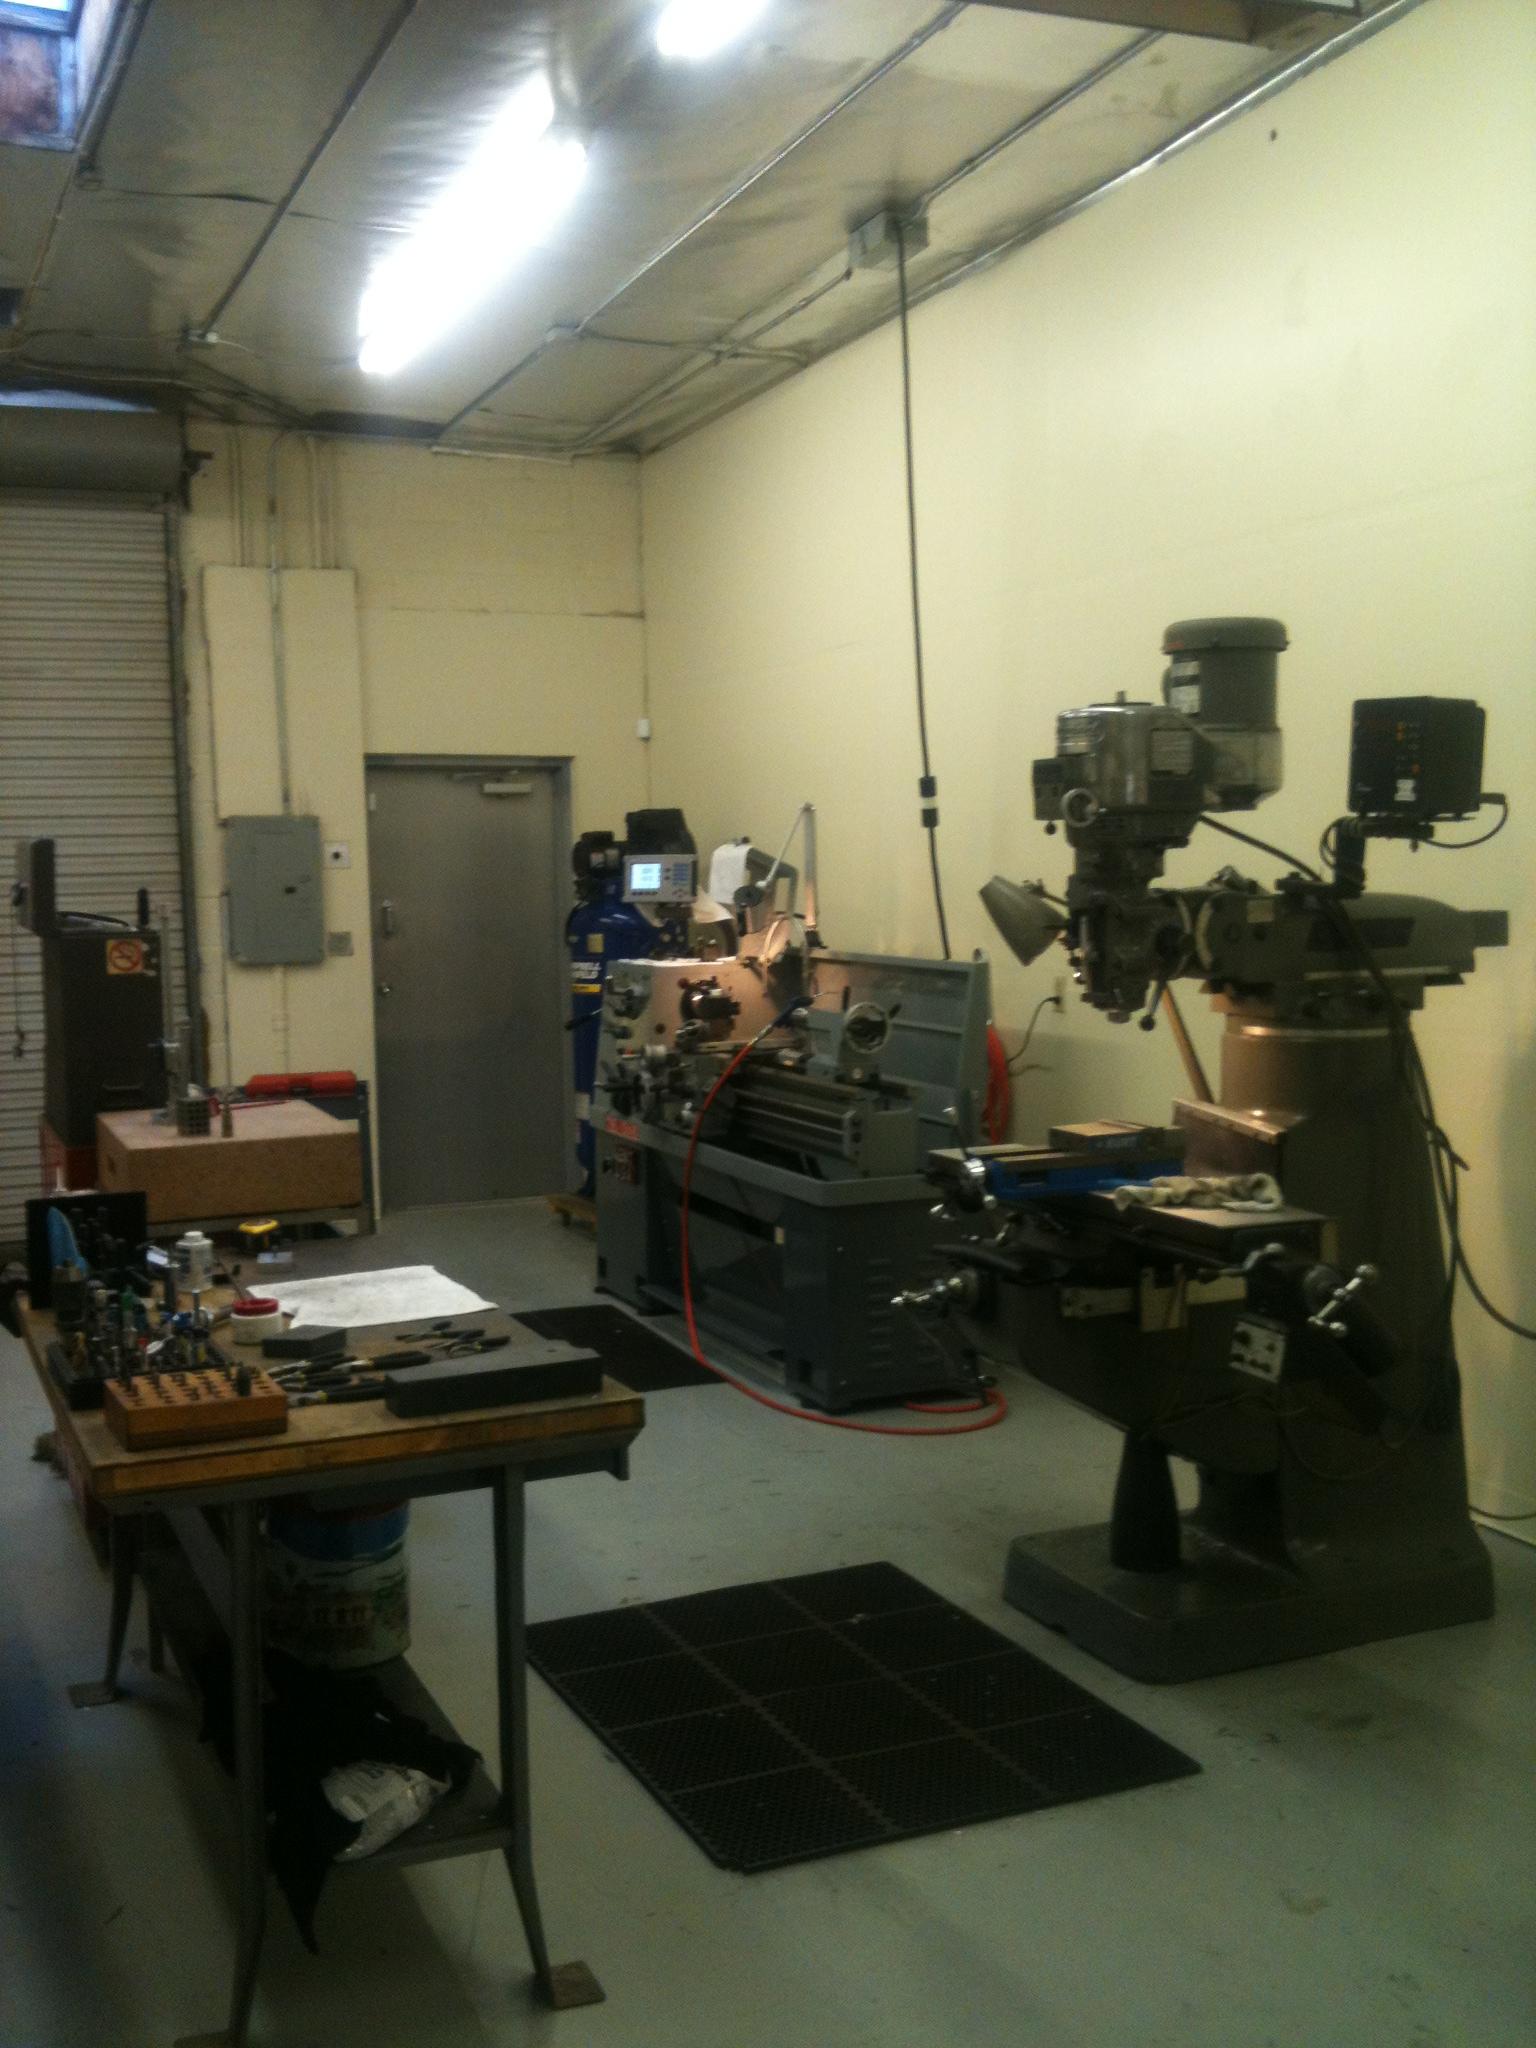 Tucson Cnc Machining T Cnc Contact Tucson Cnc 520 305 4915